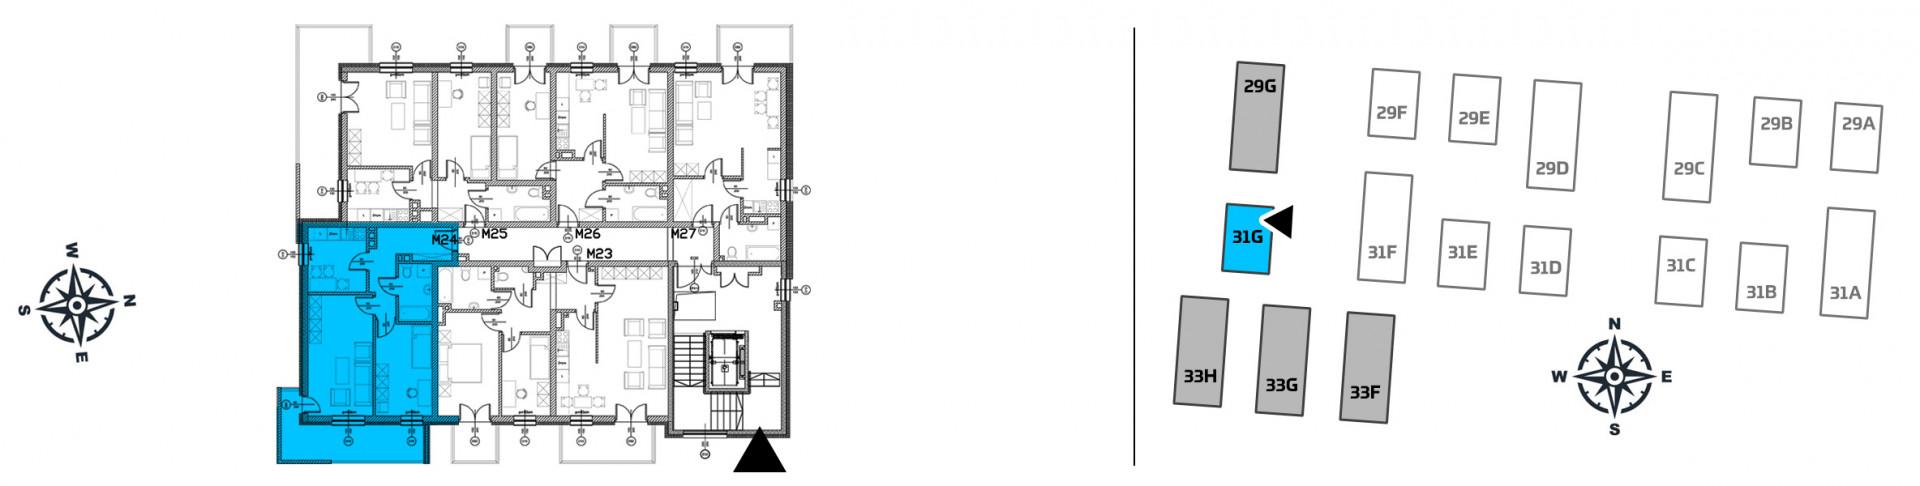 Mieszkanie dwupokojowe 31G/24 rzut 2